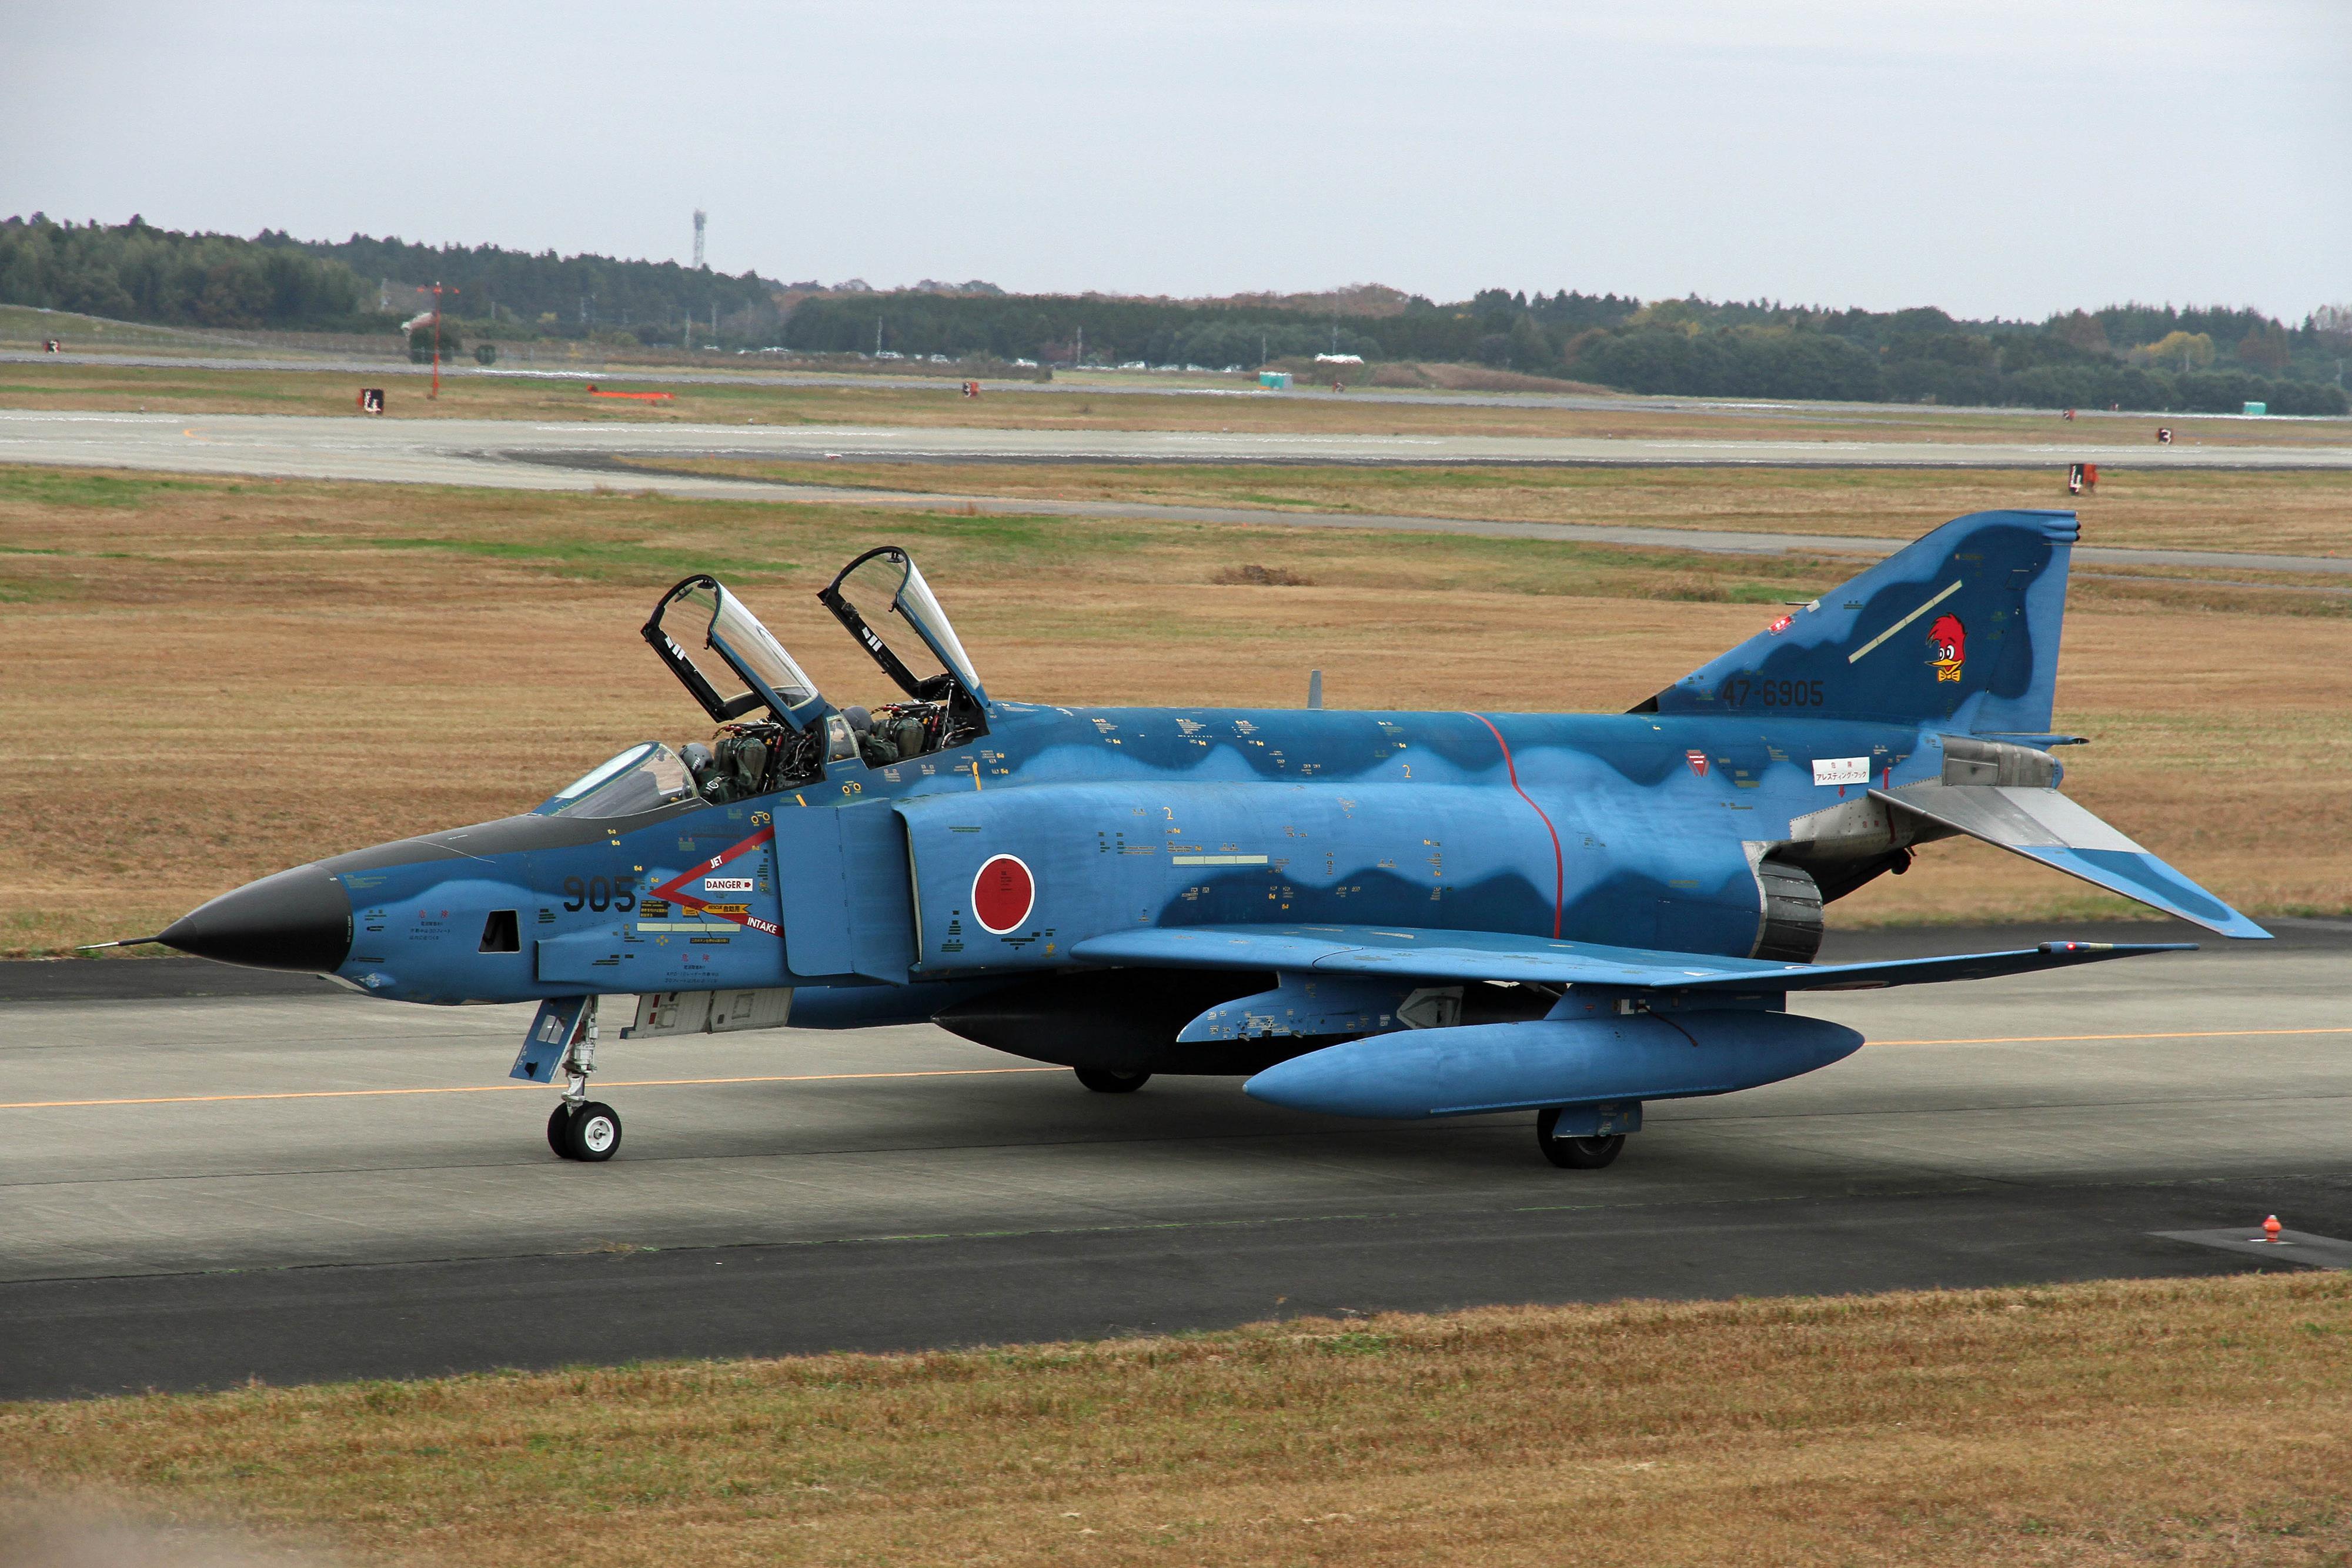 Hyakuri AB Japan Pt 2